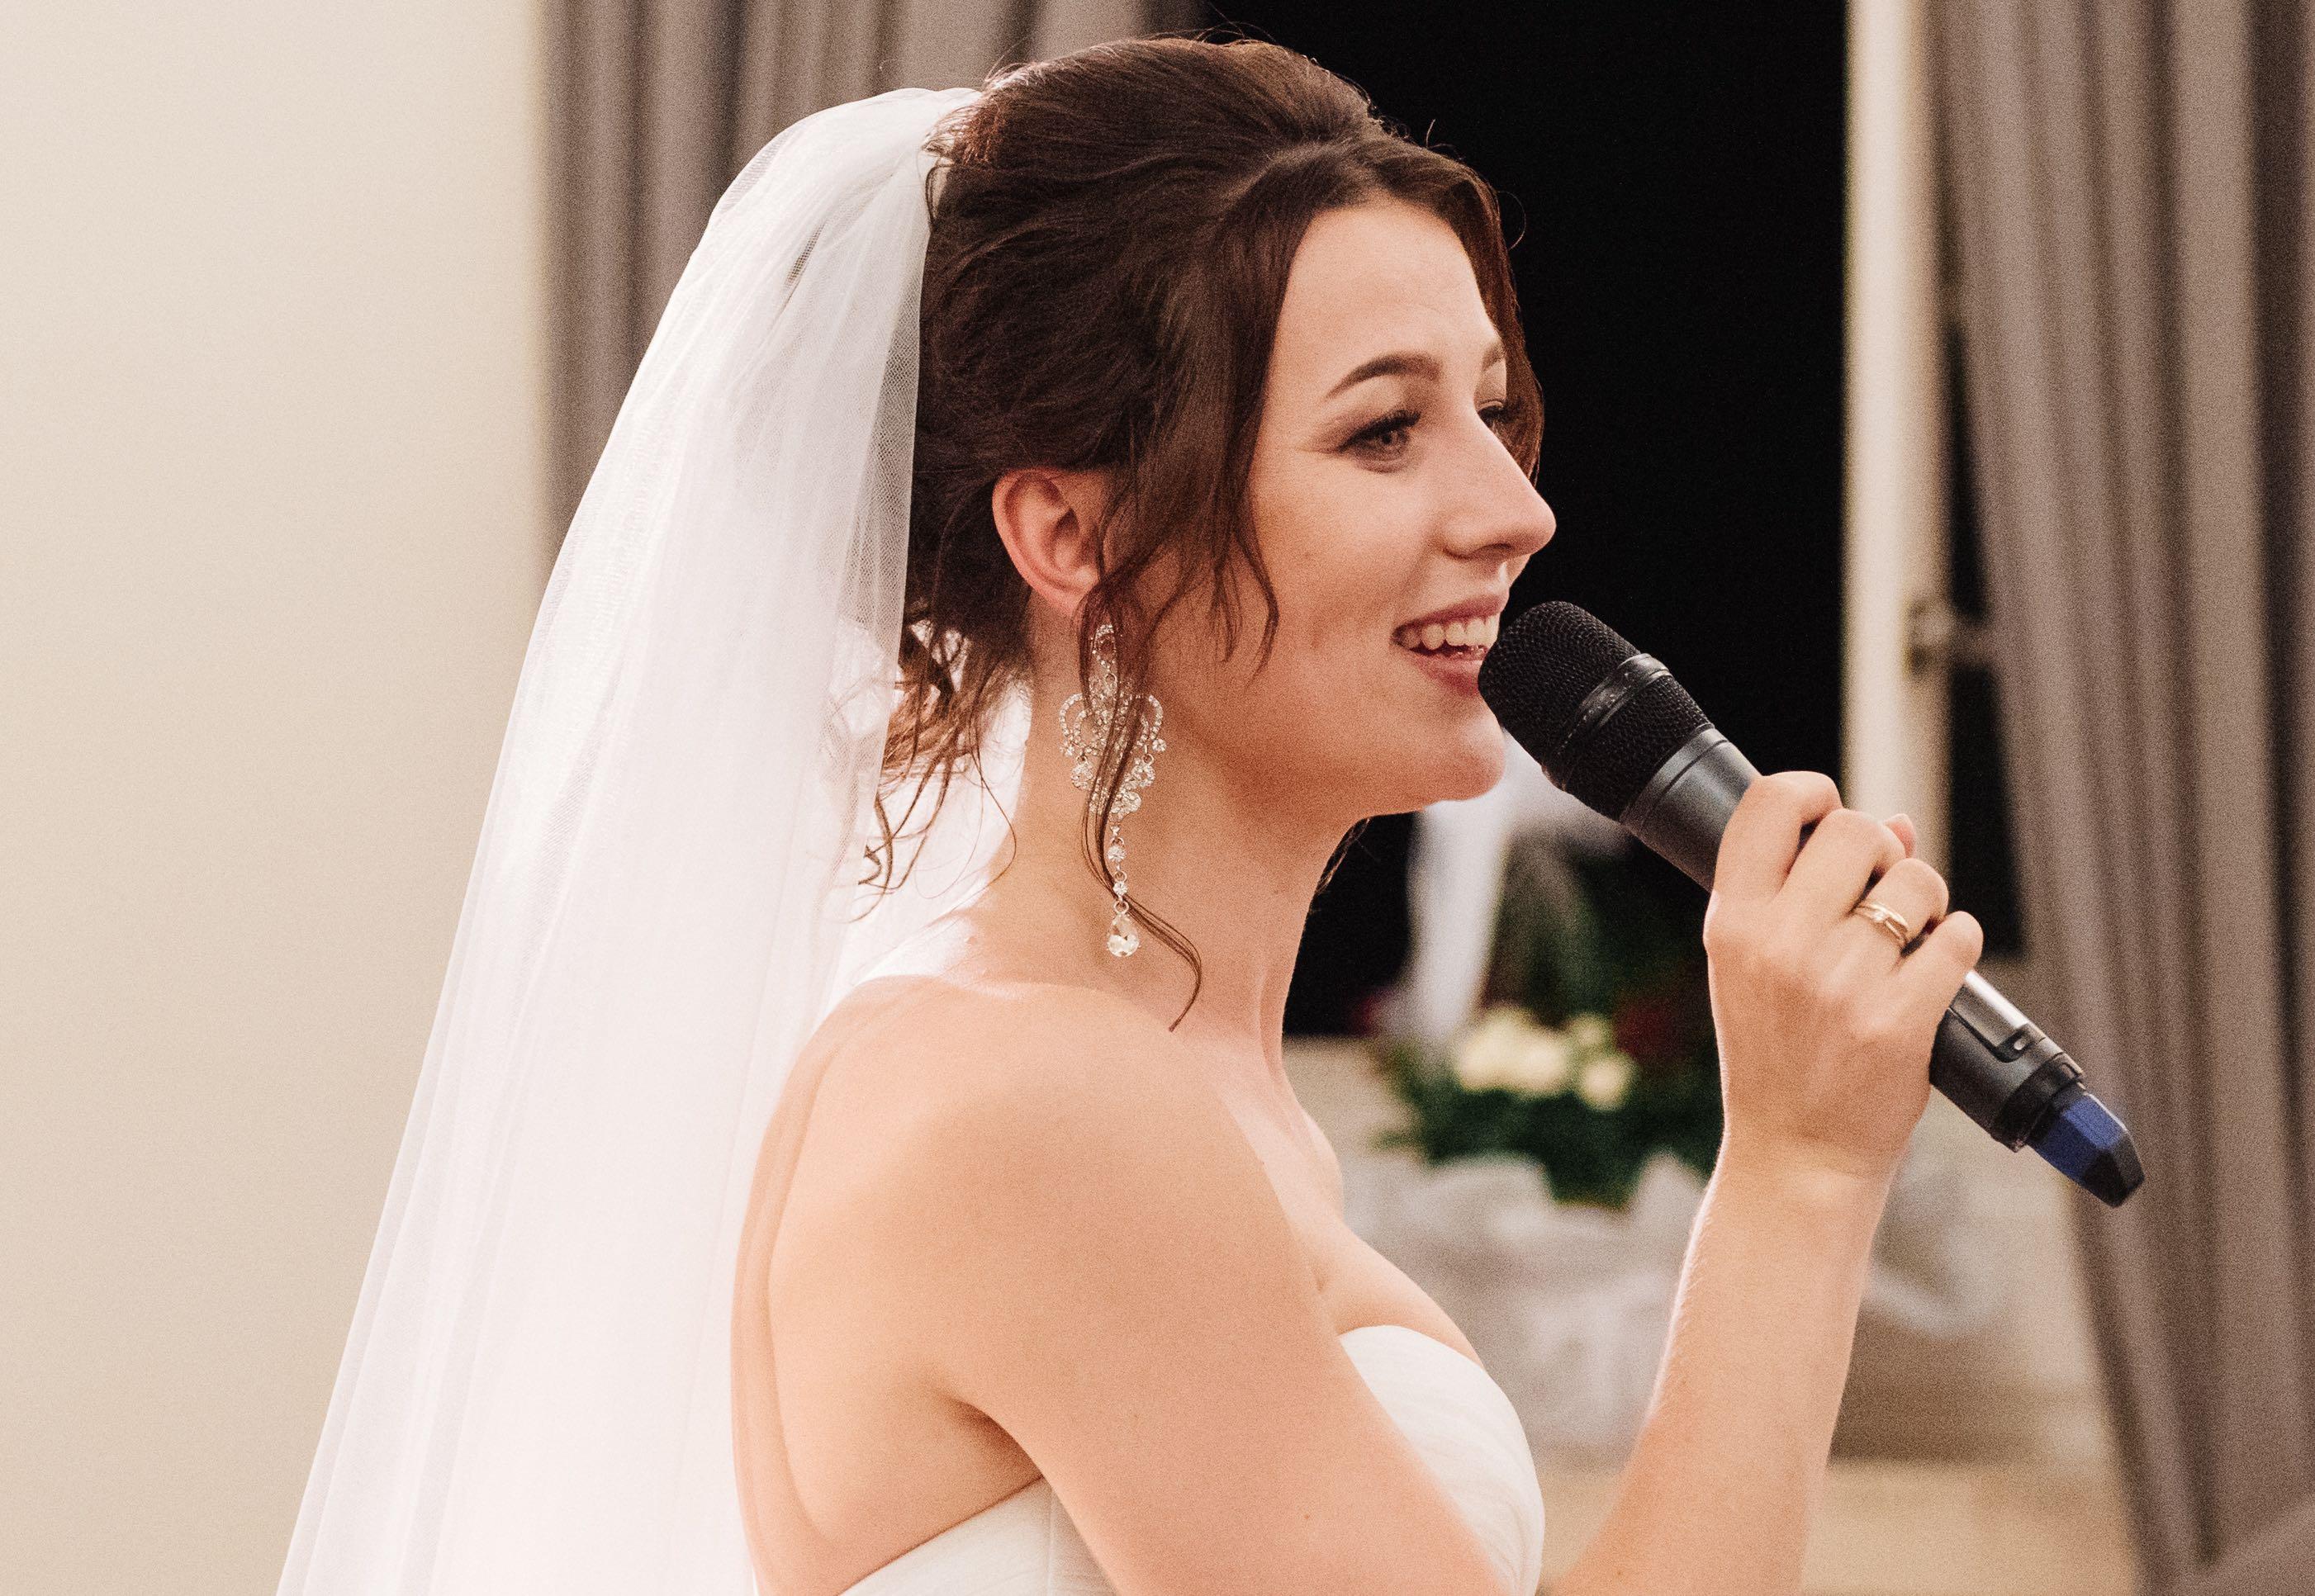 Zeer Zelf zingen op je bruiloft: durf jij het? Lees hier onze ervaring @PL71